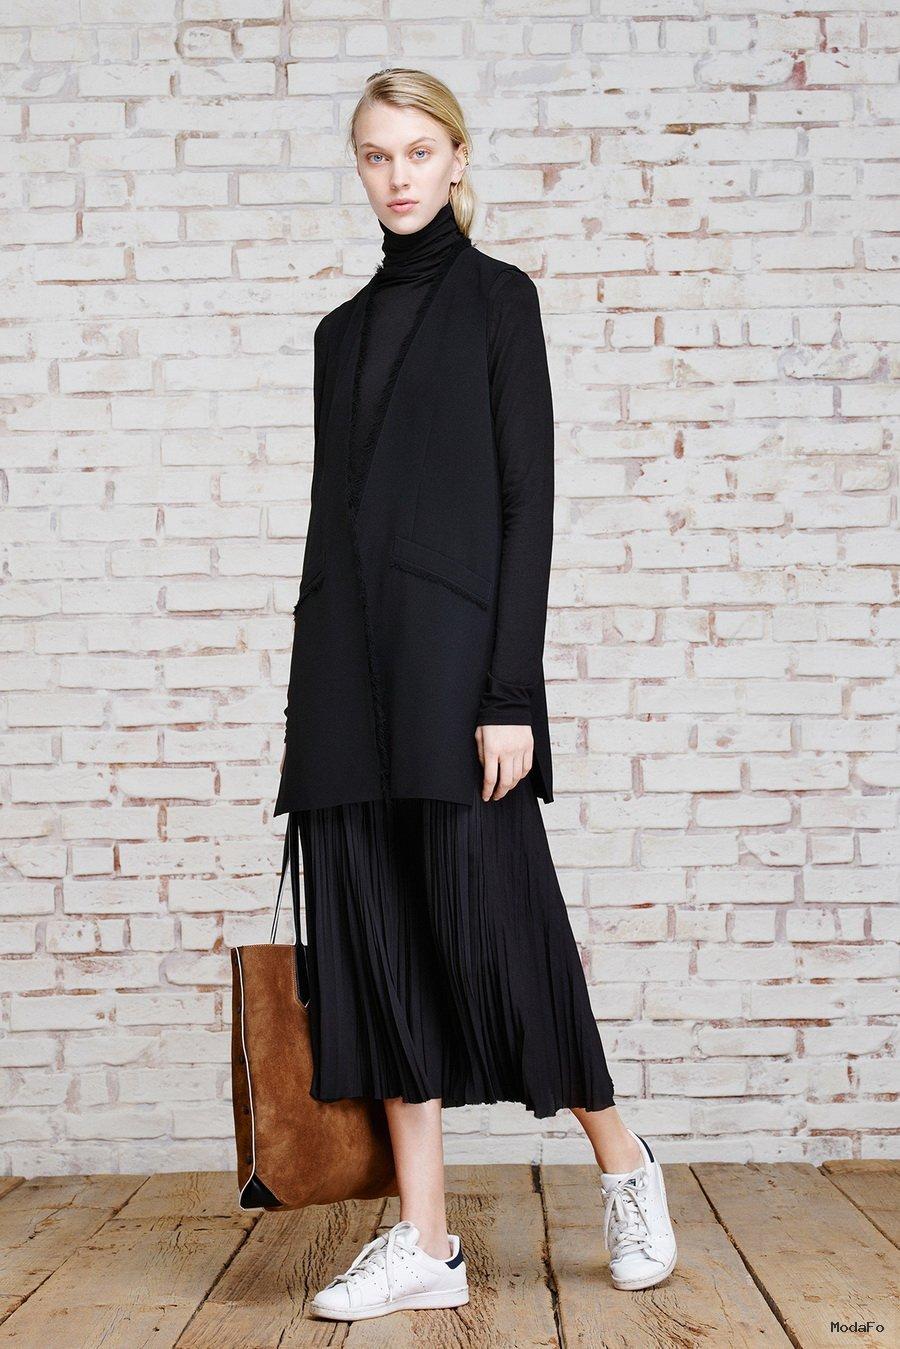 Best-Skirt-Styles-For-Autumn- ... - Uzun hırka modelleri Uzun Hırka Kombinleri Uzun Hırka Modası Uzun Kış Modası Hırka Kombinleri